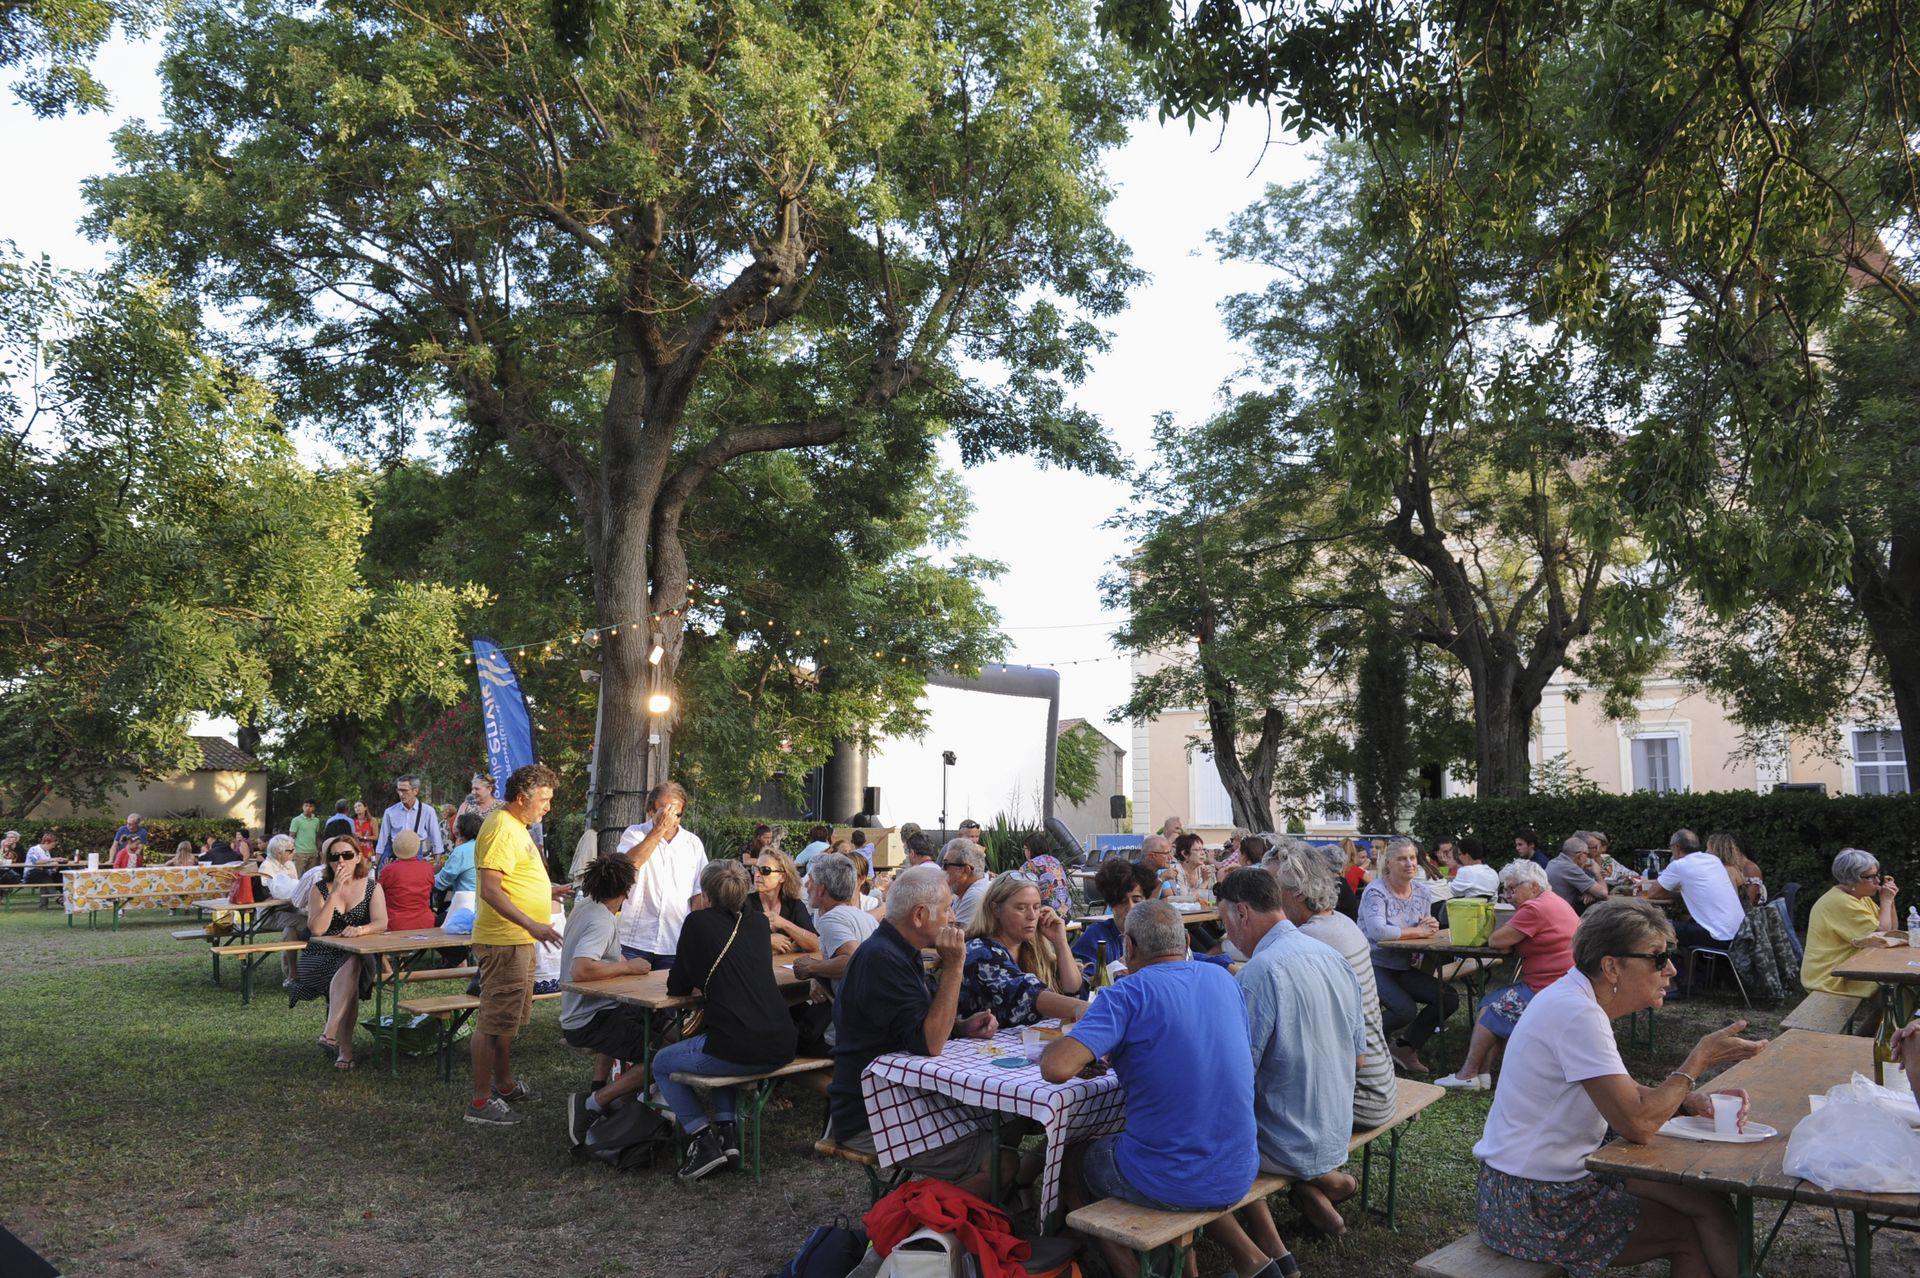 Personnes attablées lors du Festival Emmuscades sour les arbres du Château Lapeyrade à Frontignan, toile de cinéma en arrière-plan